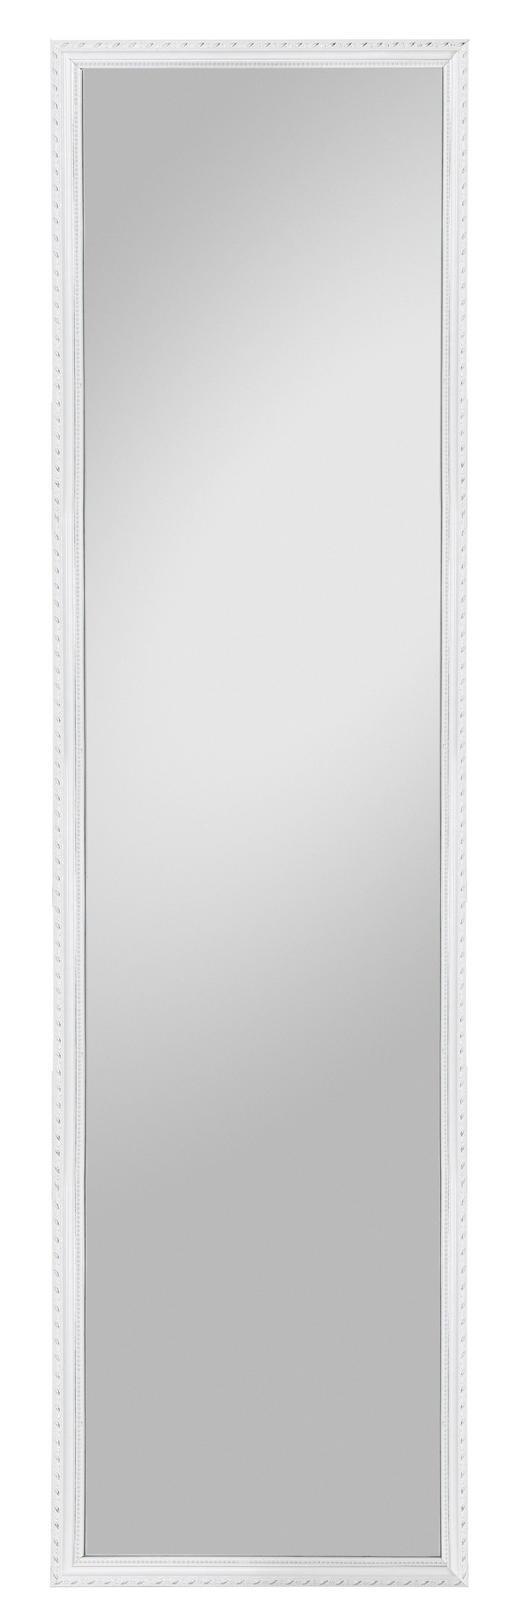 SPIEGEL Weiß - Weiß, Design, Glas/Holz (35/125cm) - Carryhome